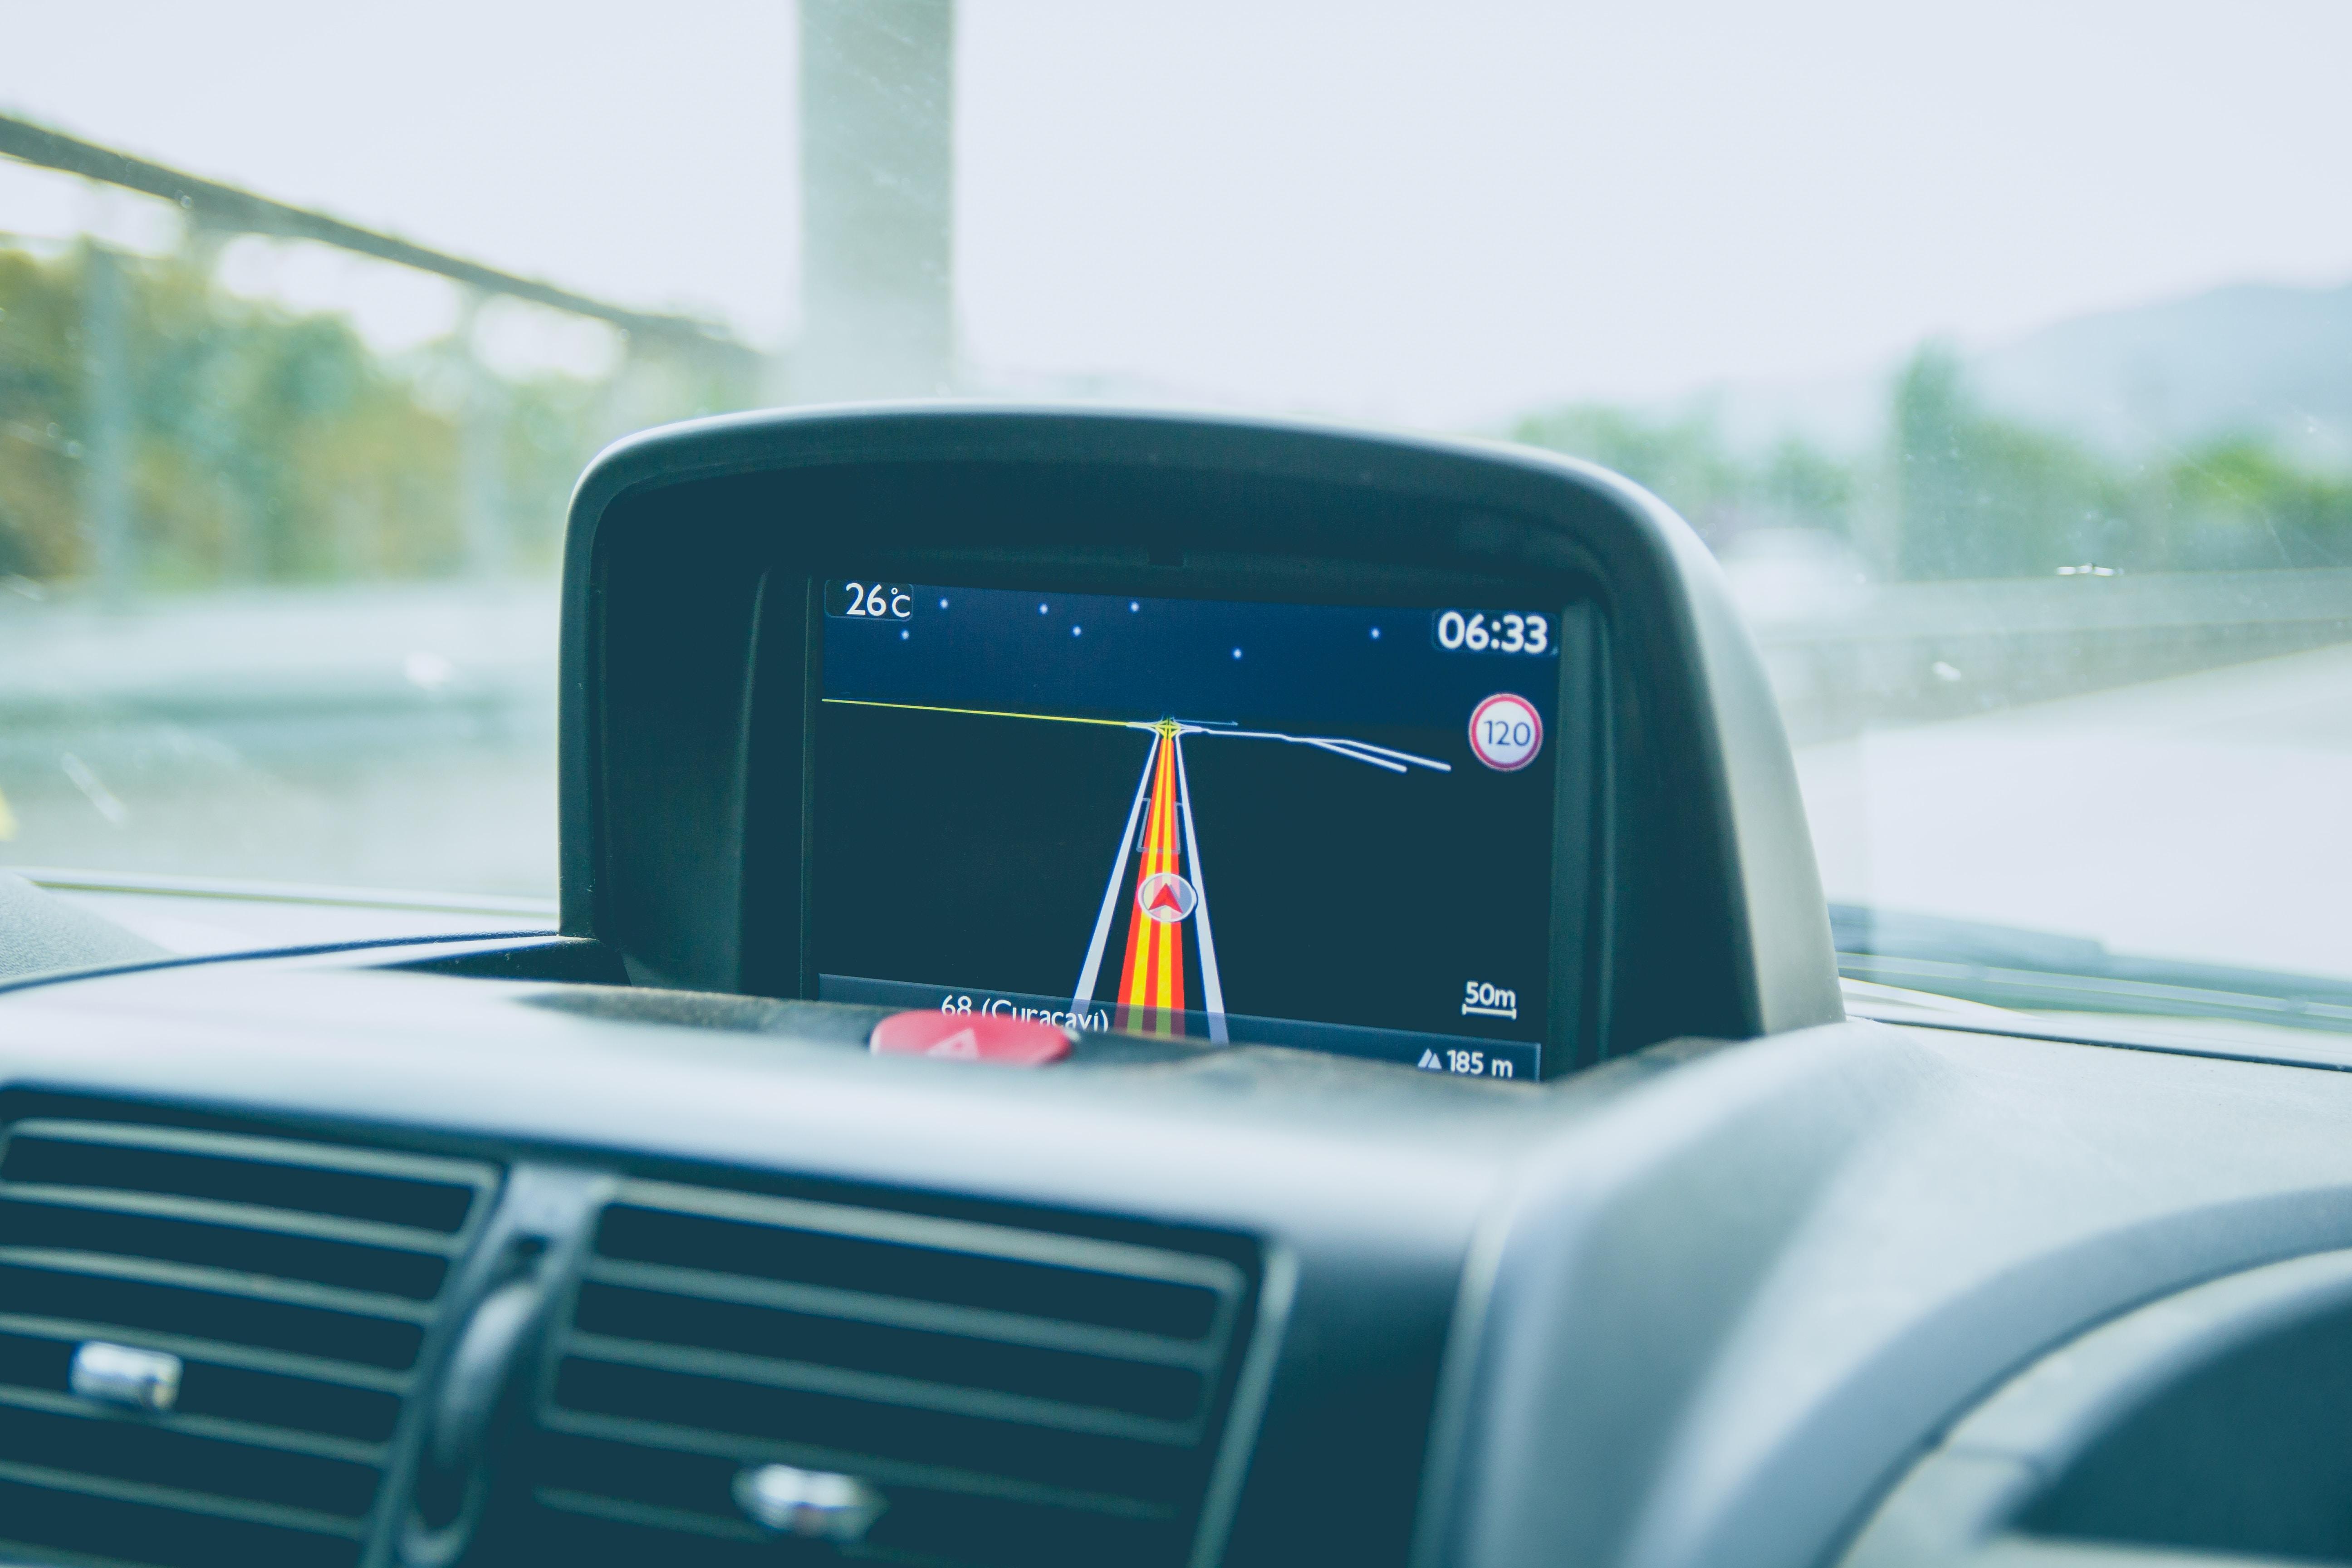 black vehicle GPS turned on